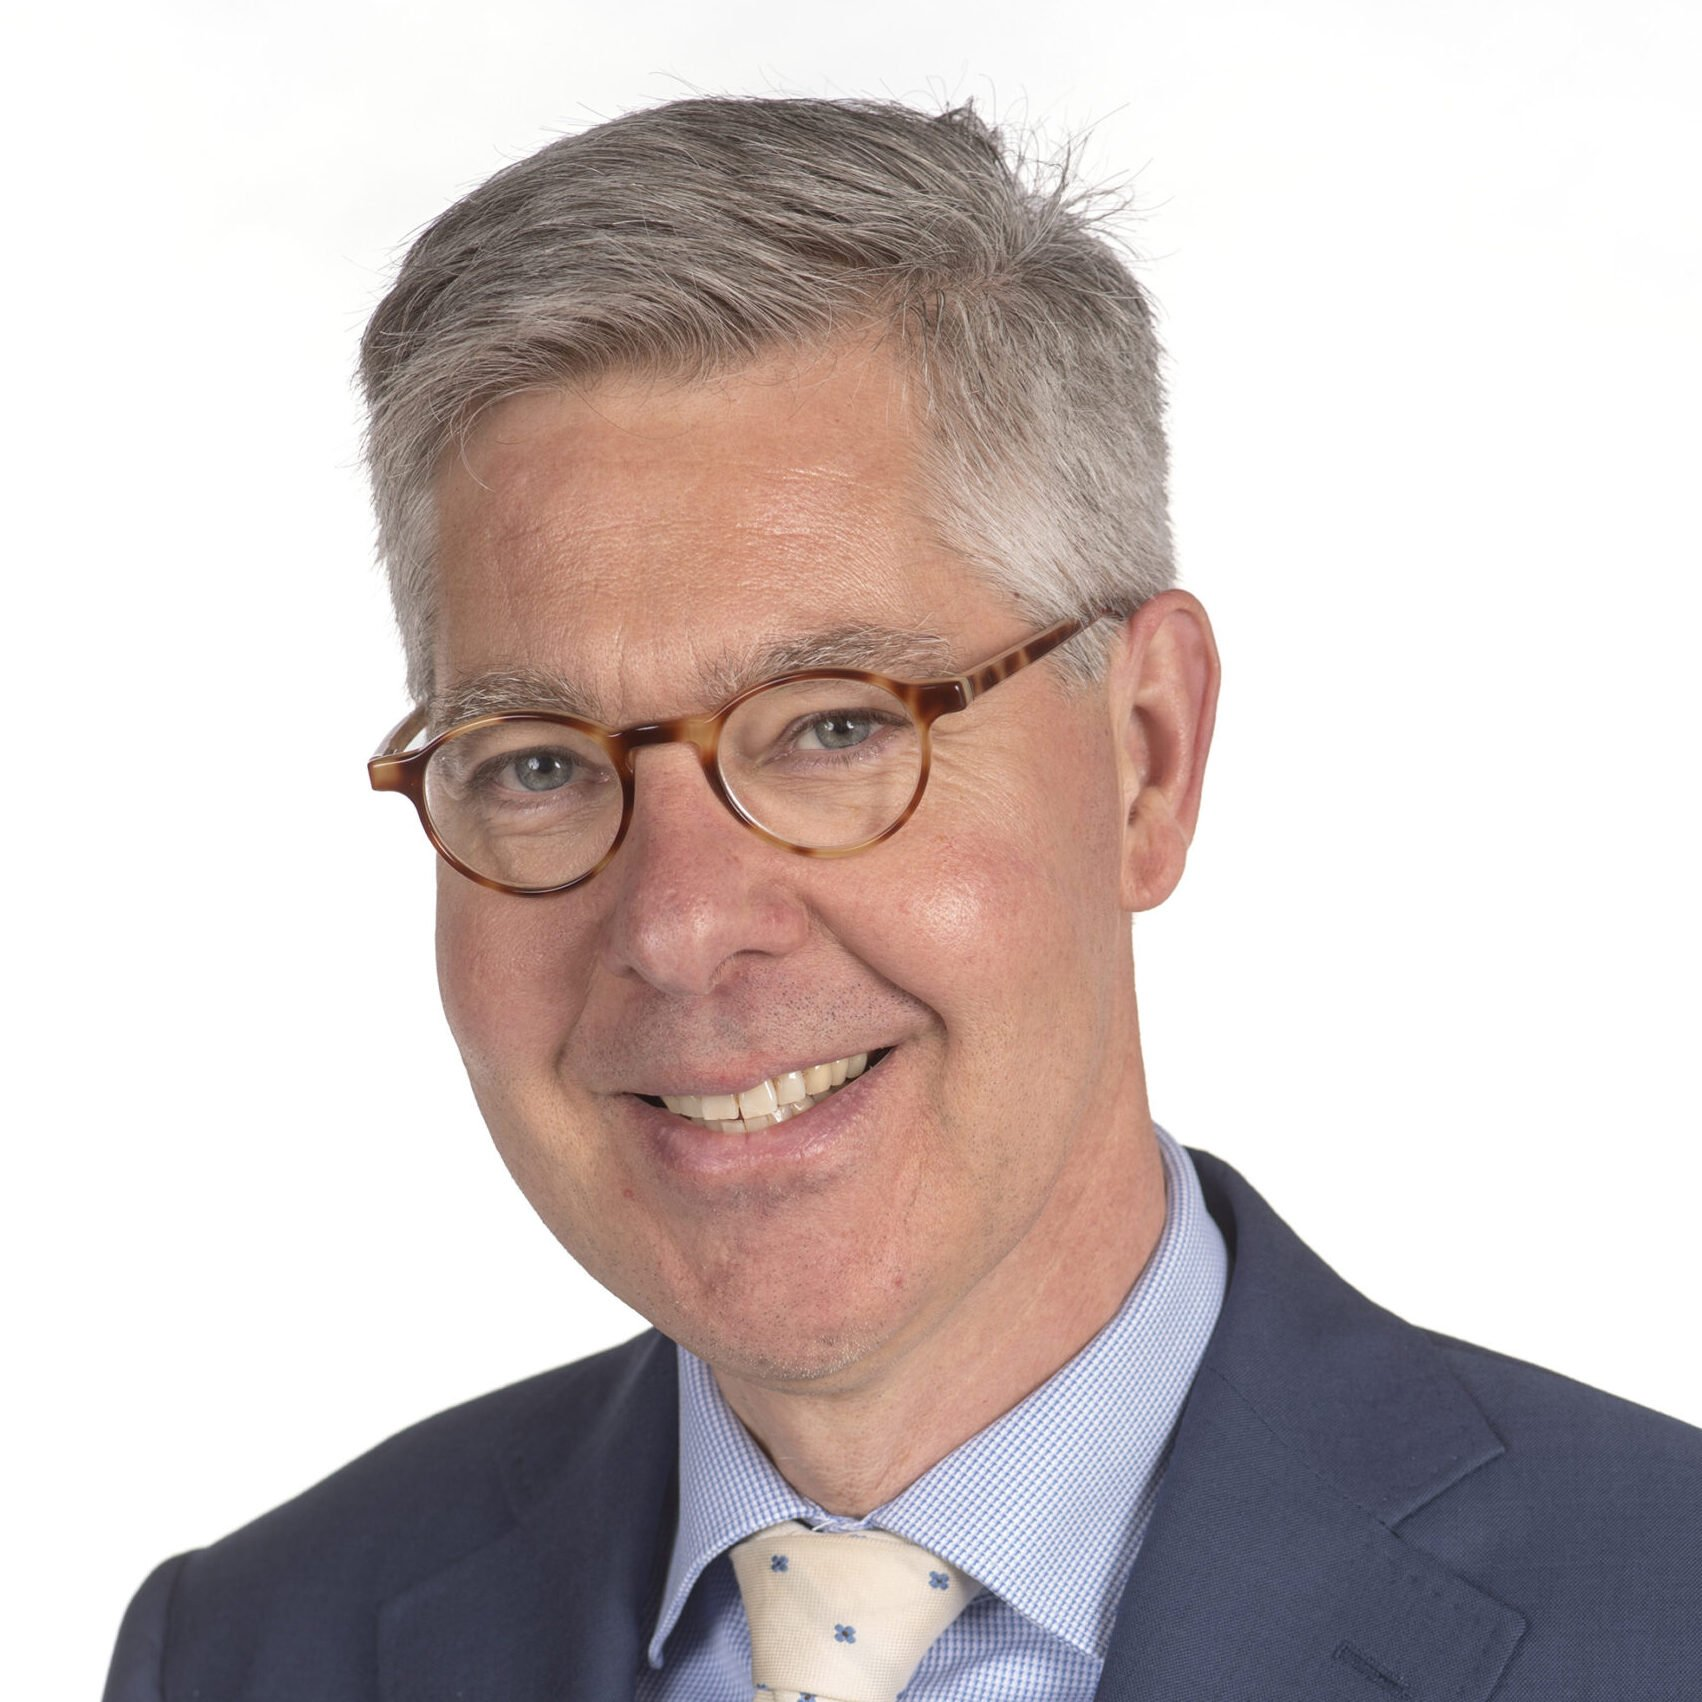 Bert Oosterloo - Dutch Sport Tech Fund